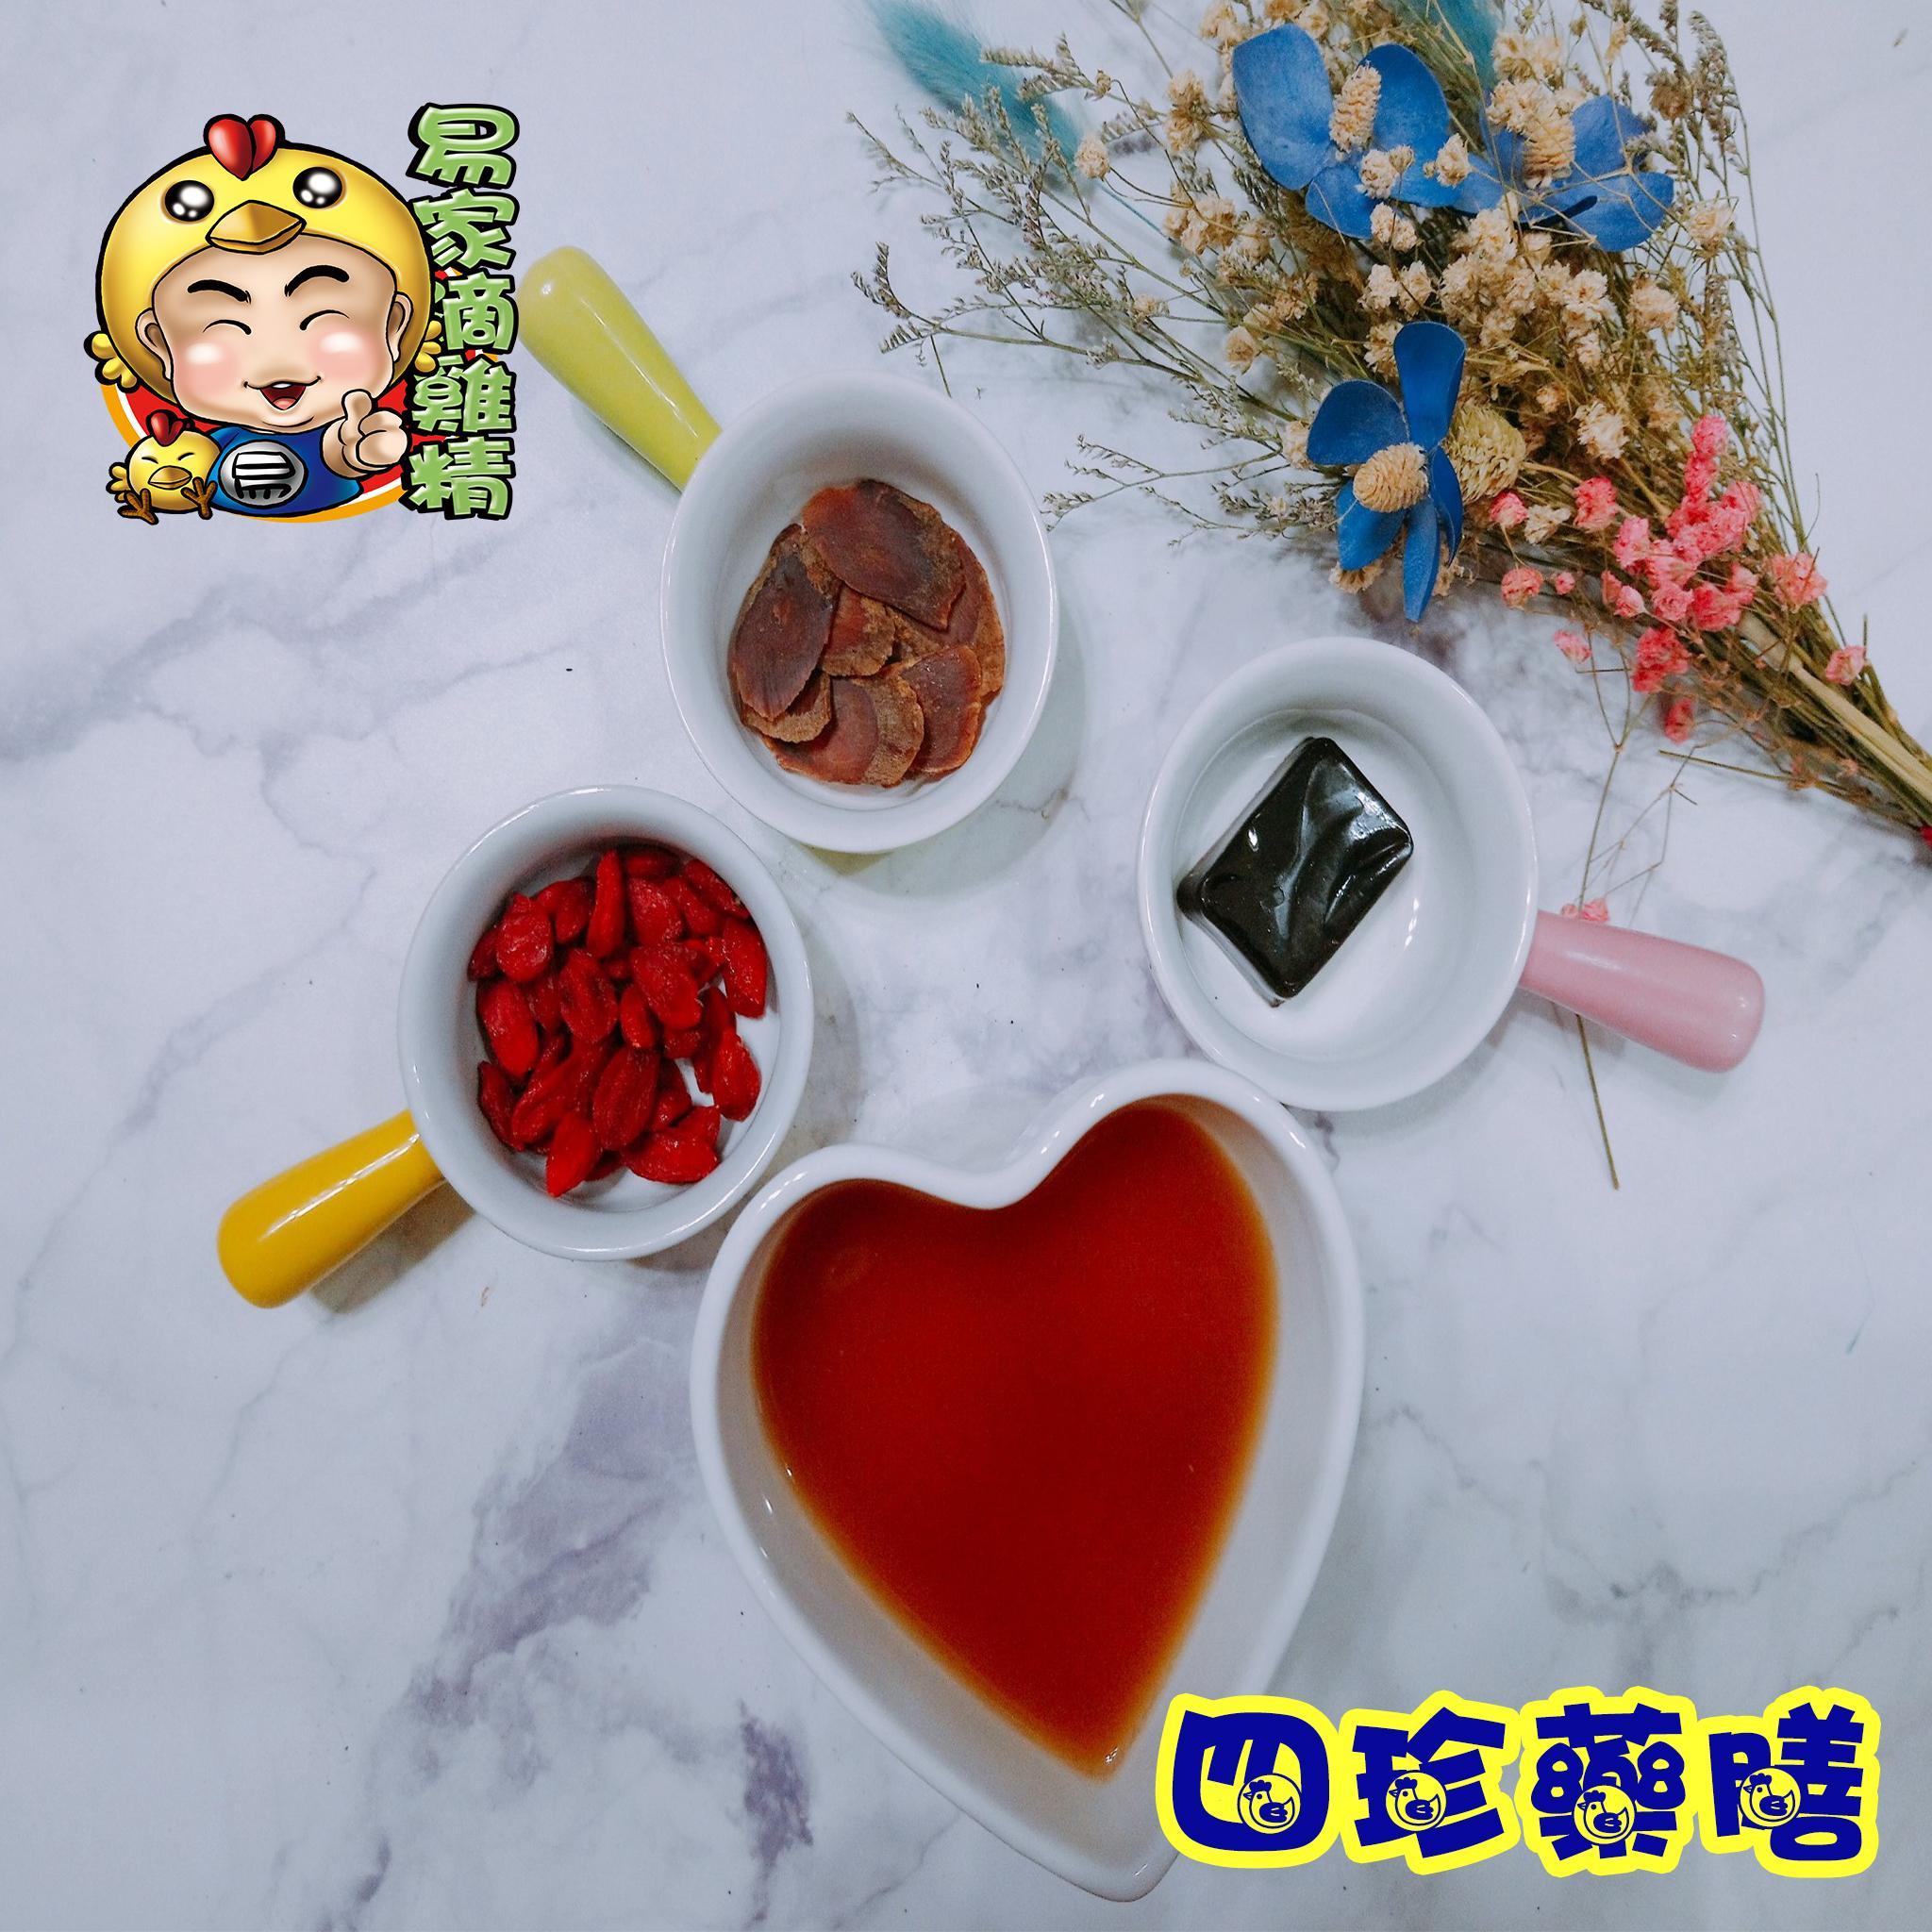 【易家滴雞精】四珍藥膳滴雞精(12包入)